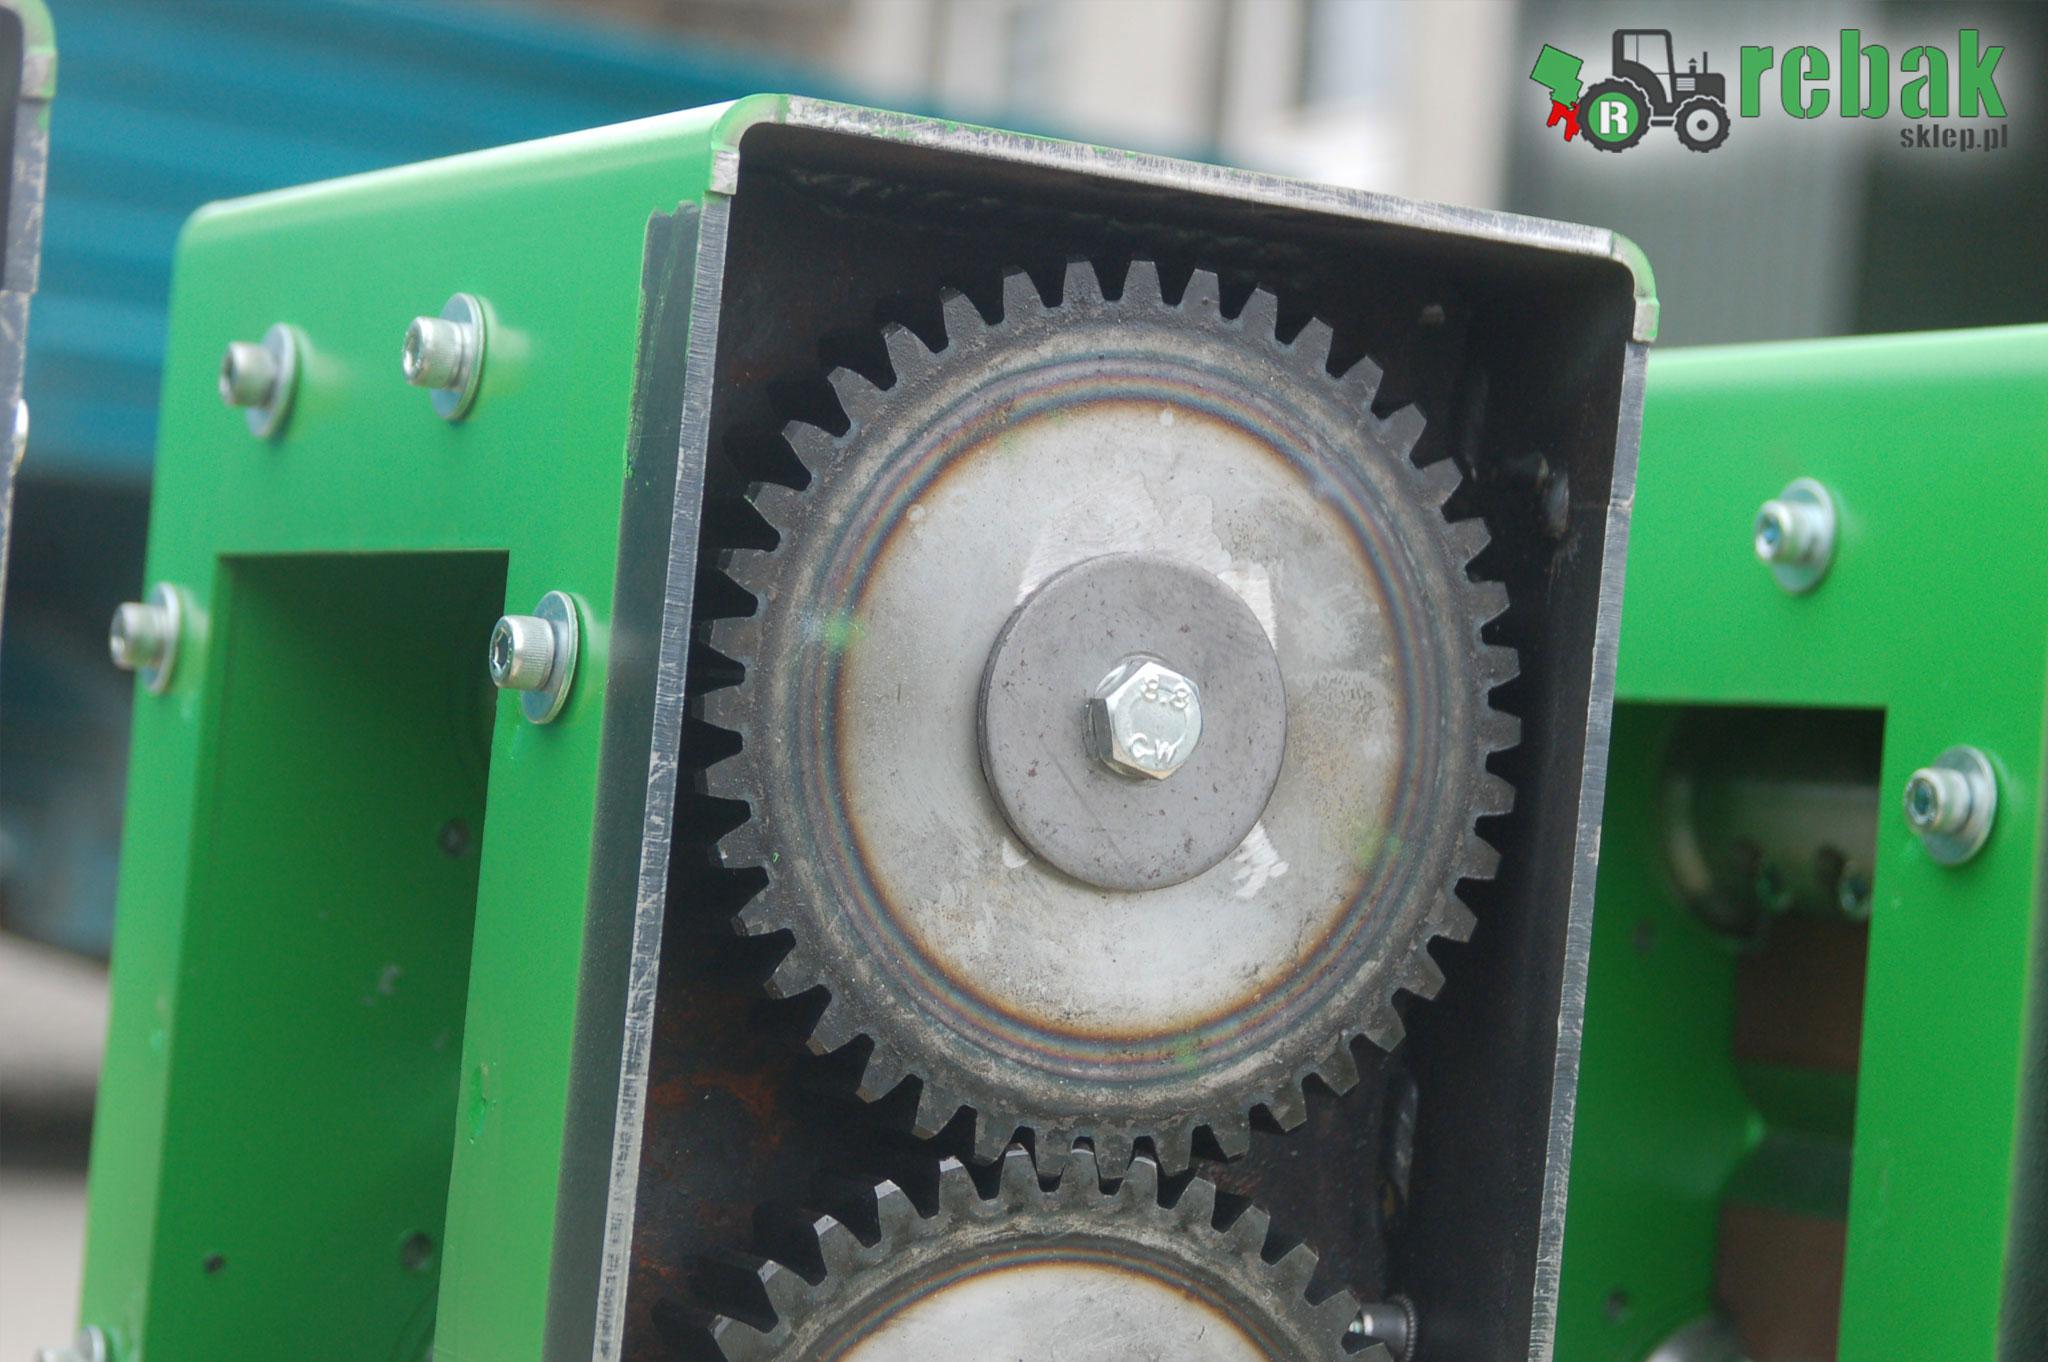 rębak cena, rębaki 24 cena, rebak cena rebaki cena rebak rebaki sklep MetalCAD Rębak do traktora, rębak do ciągnika rozdrabniacz, rębaki do gałęzi wały robocze hartowane zębatki noże tnące HARDOX, WOM